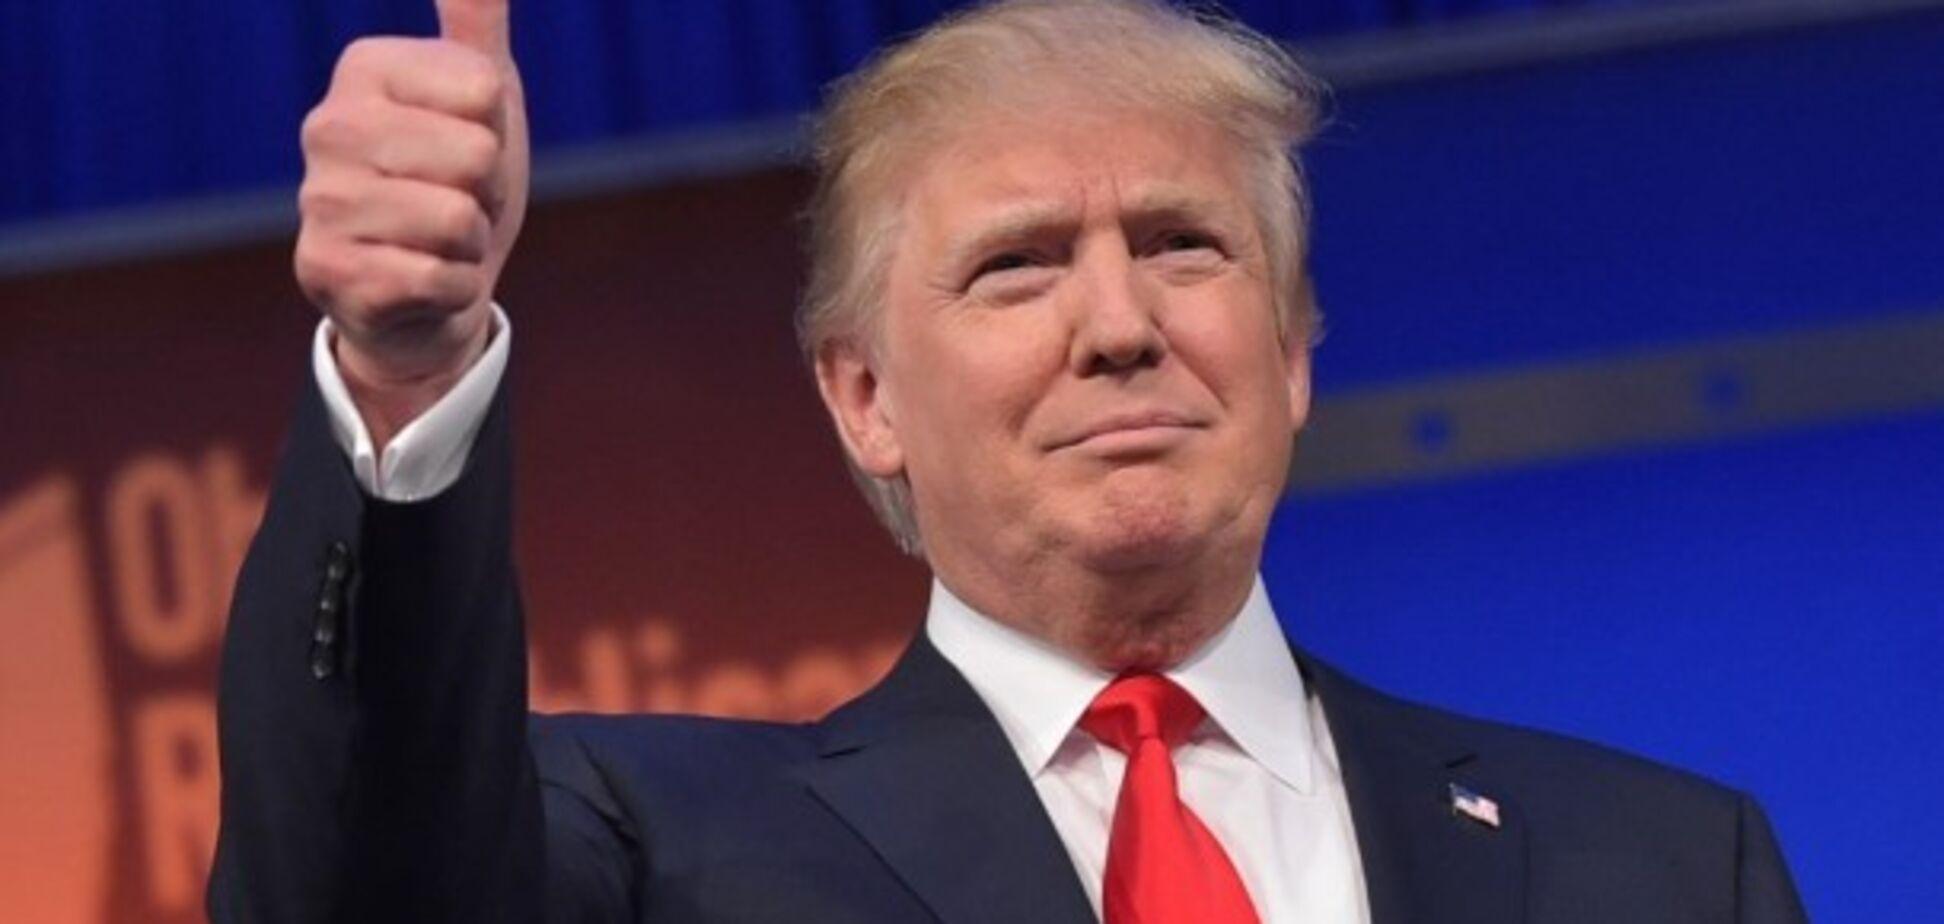 Связи Трампа с Россией: опубликованы результаты нашумевшего расследования